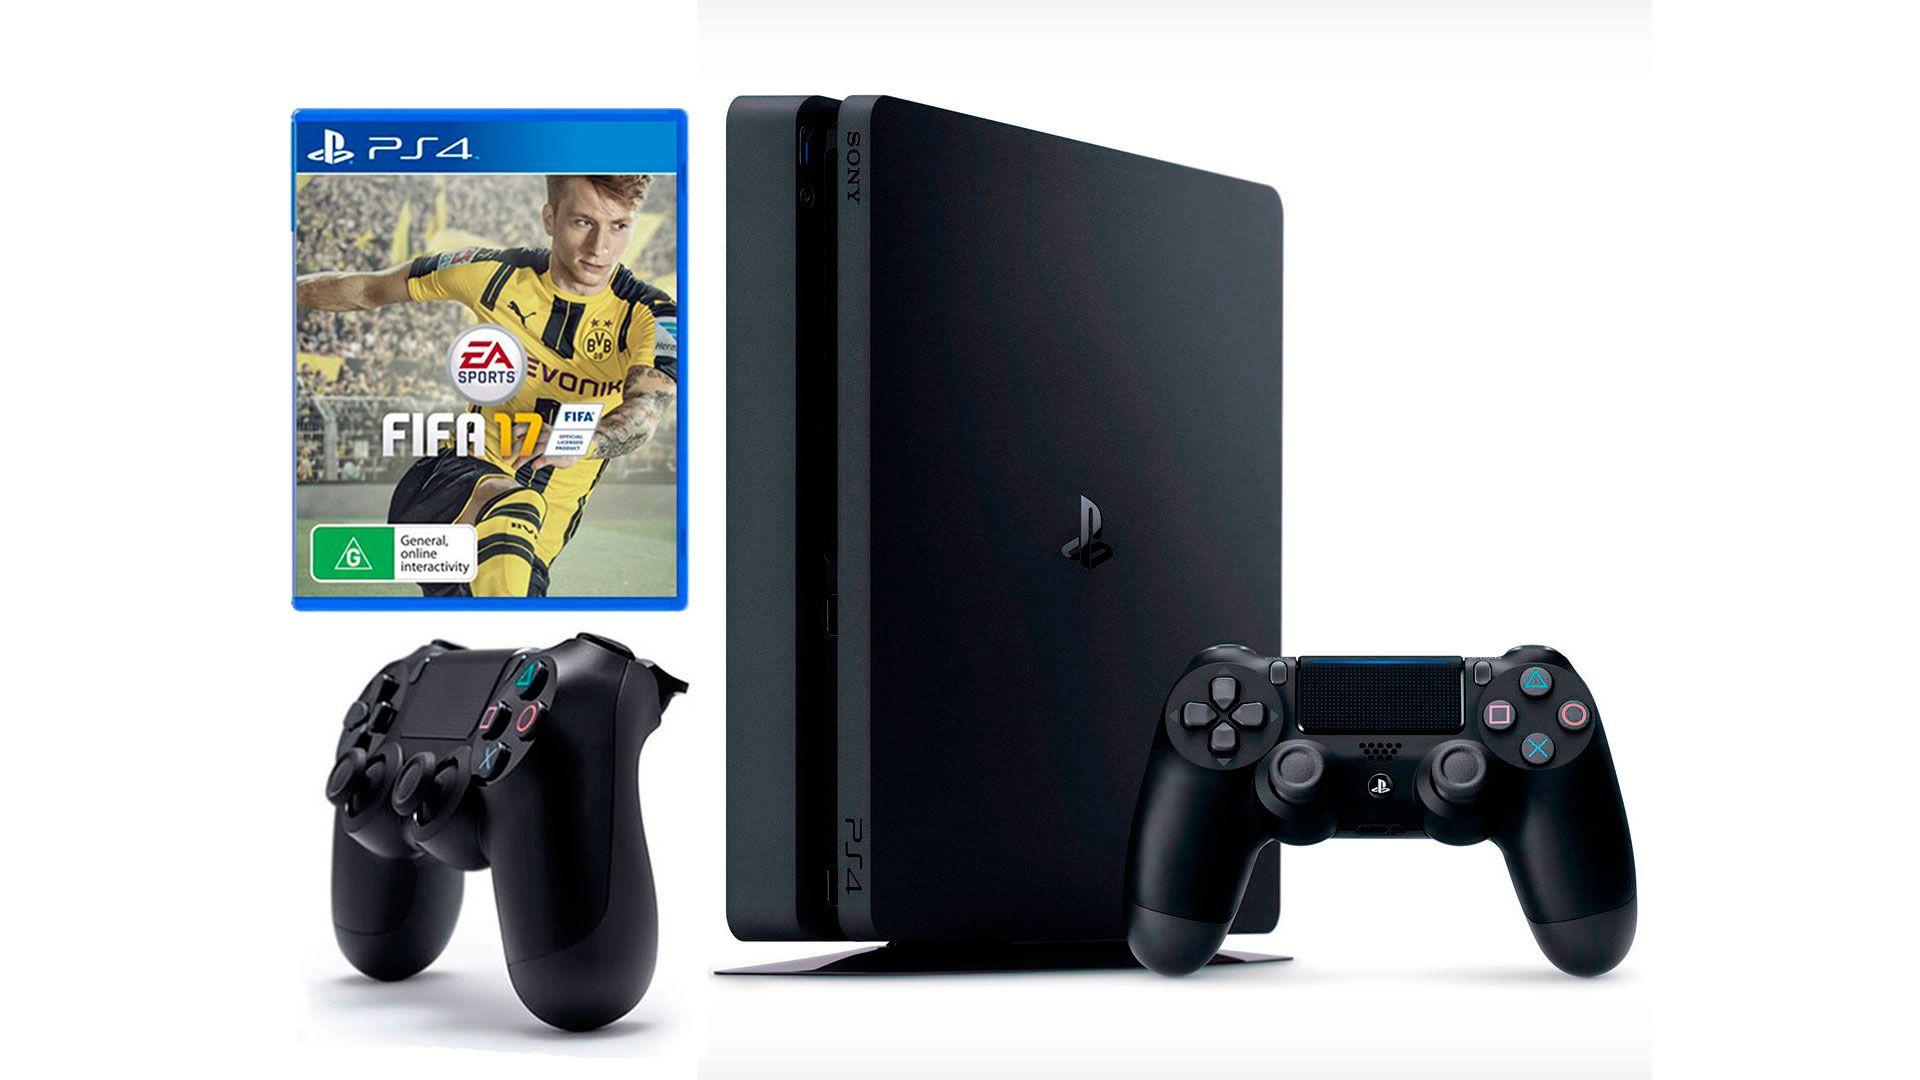 PlayStation 4 Slim 500Gb 2 джойстика, приставка и игра FIFA 17 [PS4S5J2F17]